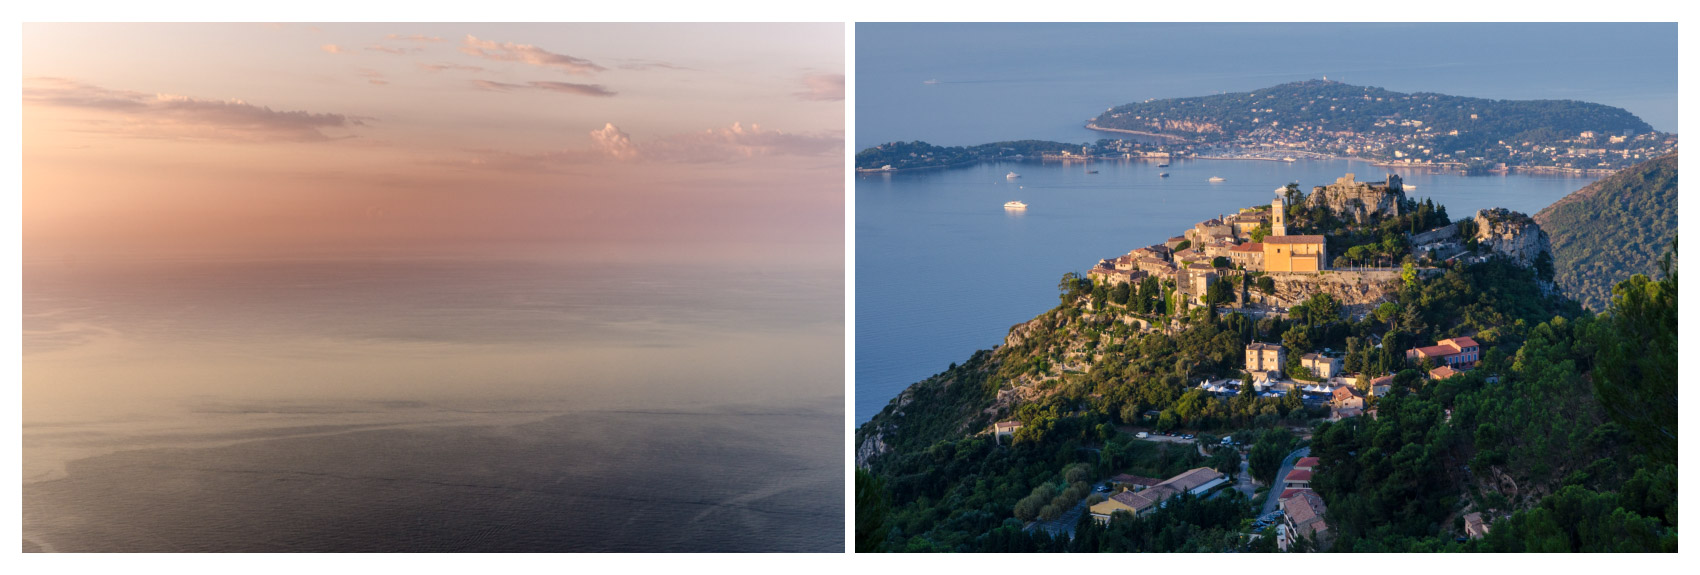 Ranní moře, aneb příběh dvou fotografií